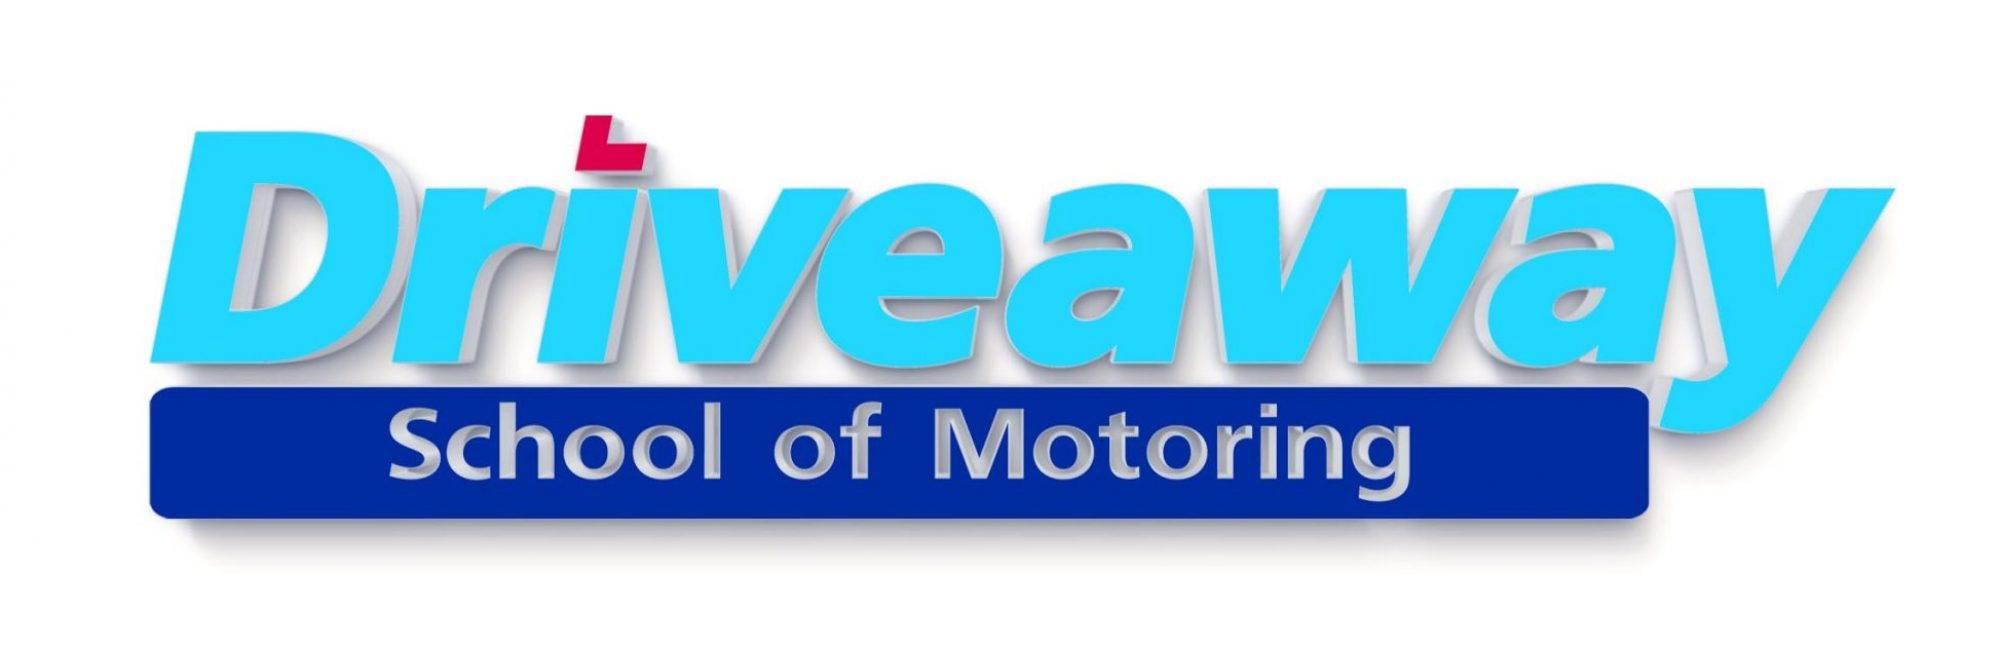 Driveaway School of Motoring